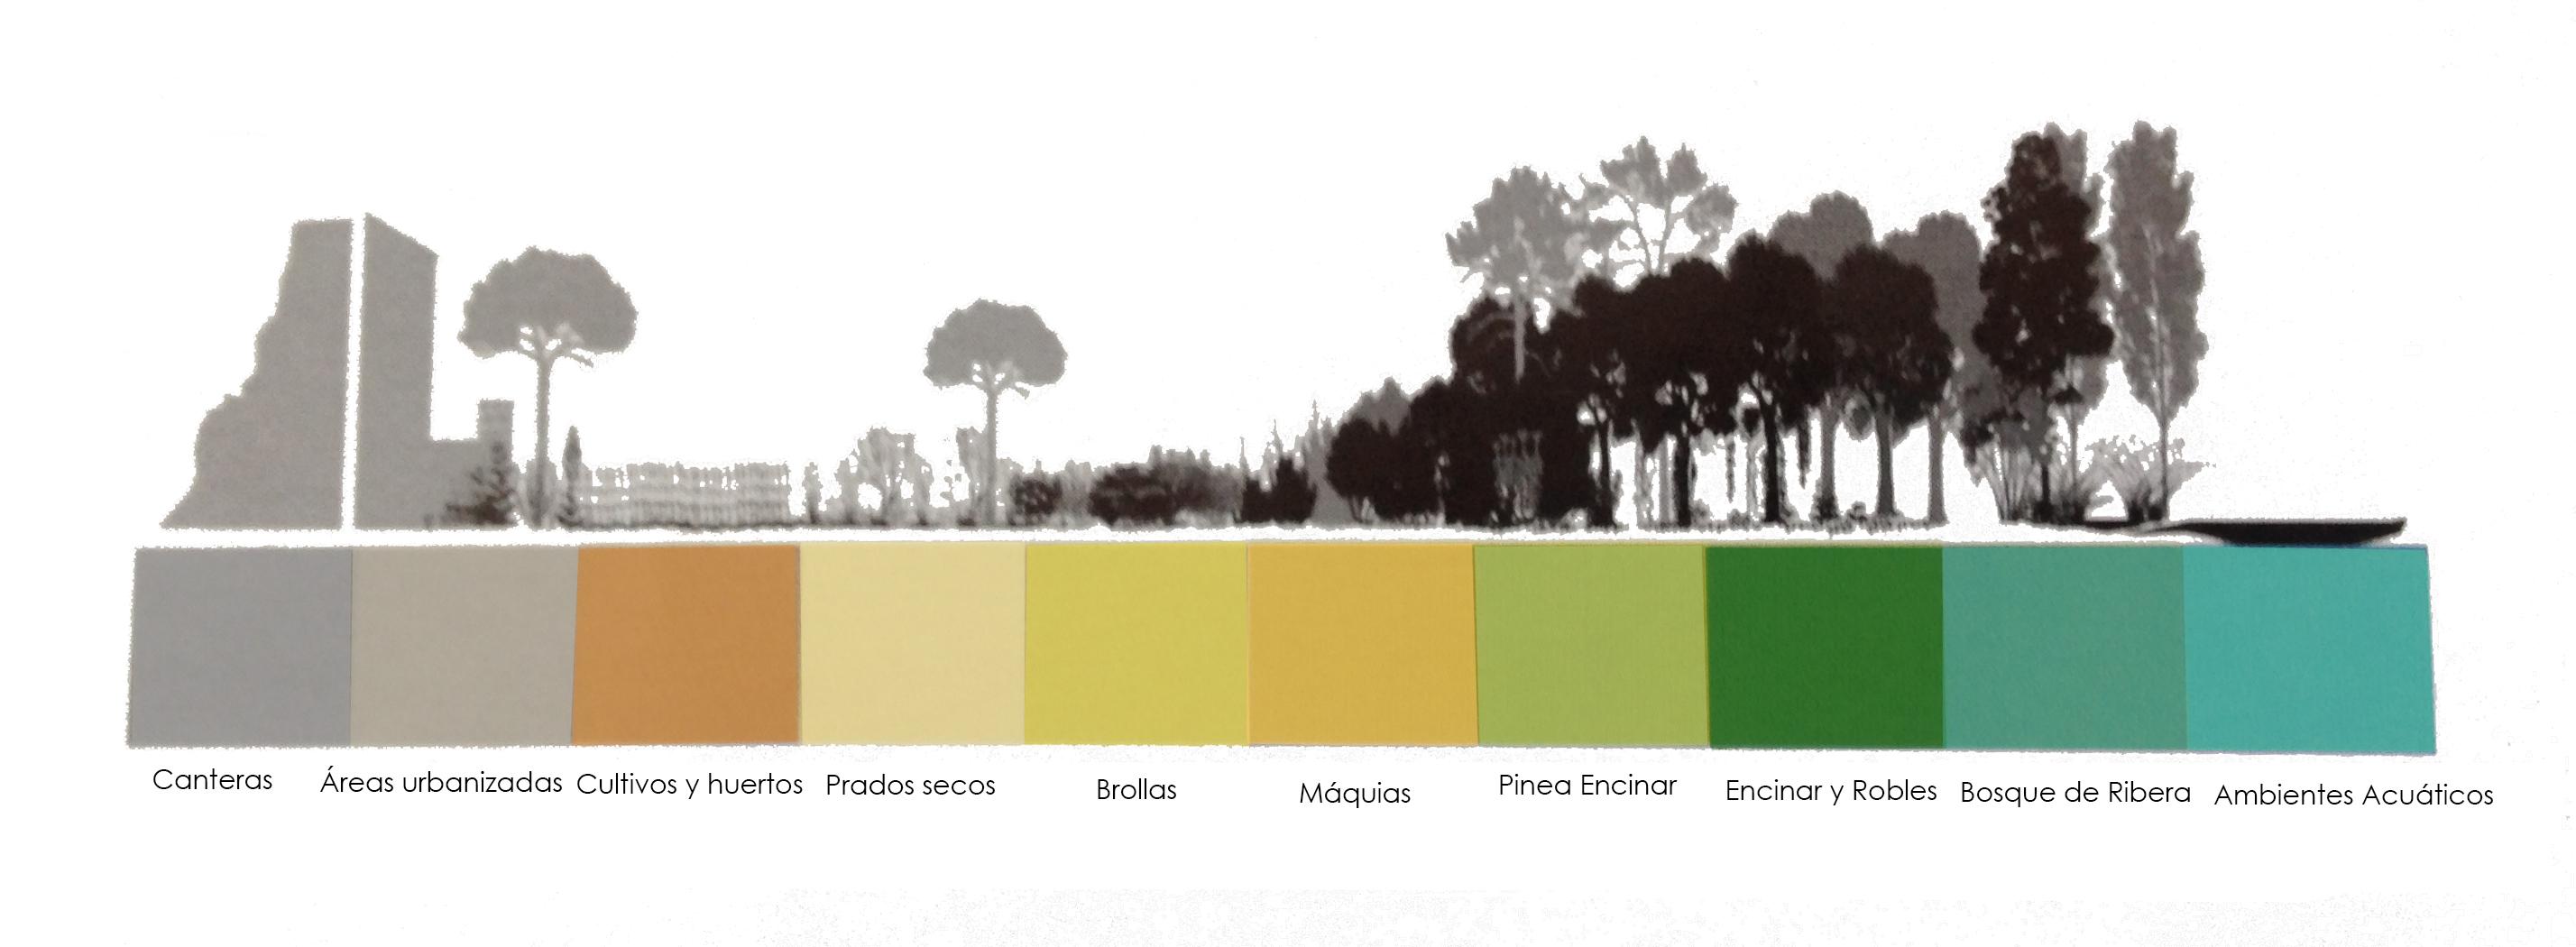 habitats_elevación